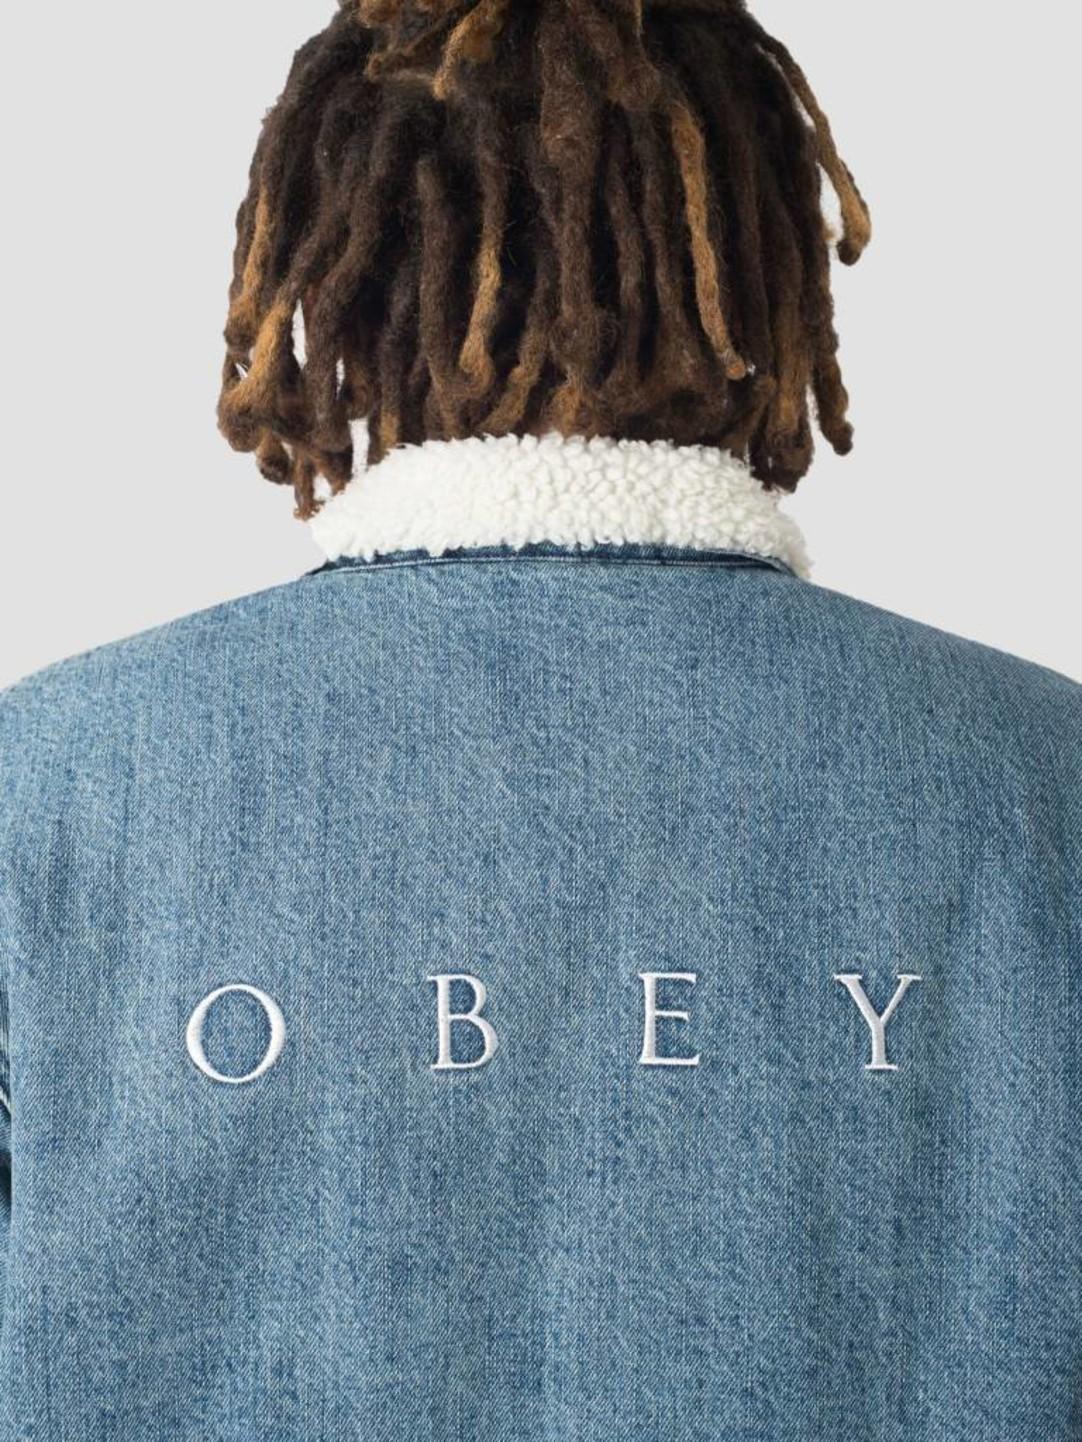 Obey Obey Division Denim Jacket Light indigo 121800356-LIN